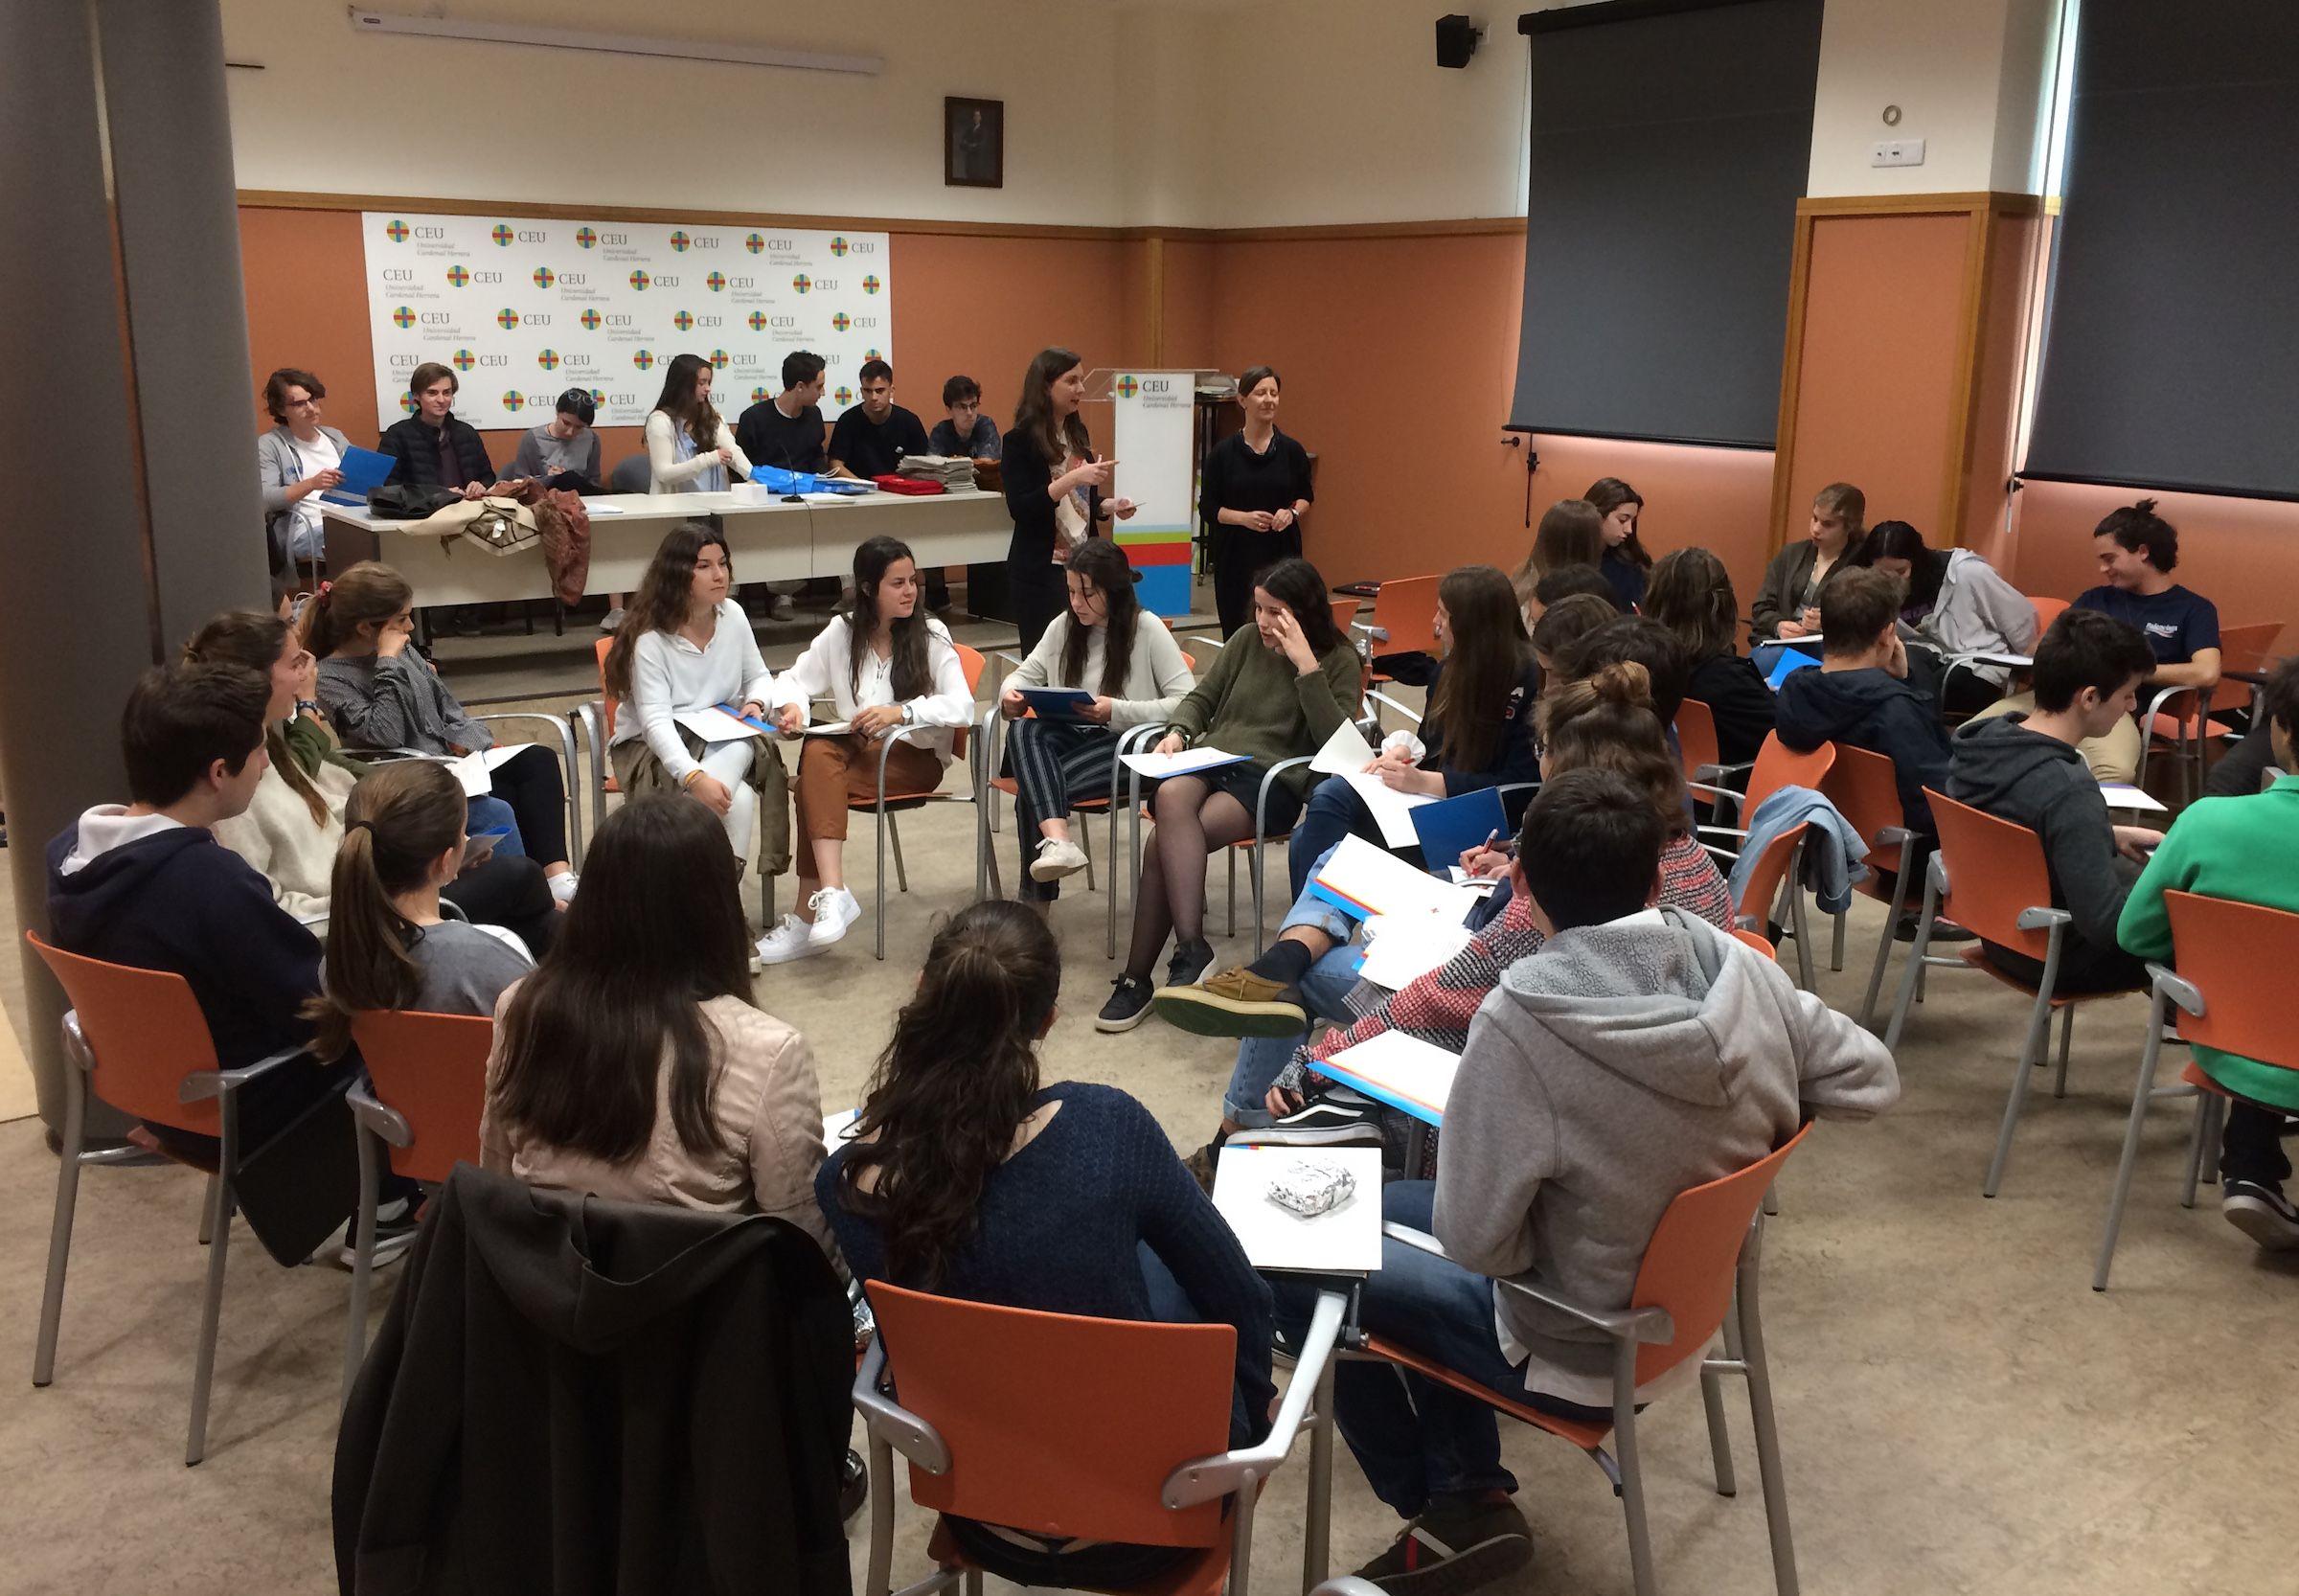 Los alumnos del Colegio CEU San Pablo, preparando el juicio simulado ante la Corte Europea, como jueces, fiscales y abogados, en la actividad organizada por la Cátedra Jean Monnet de la CEU UCH.